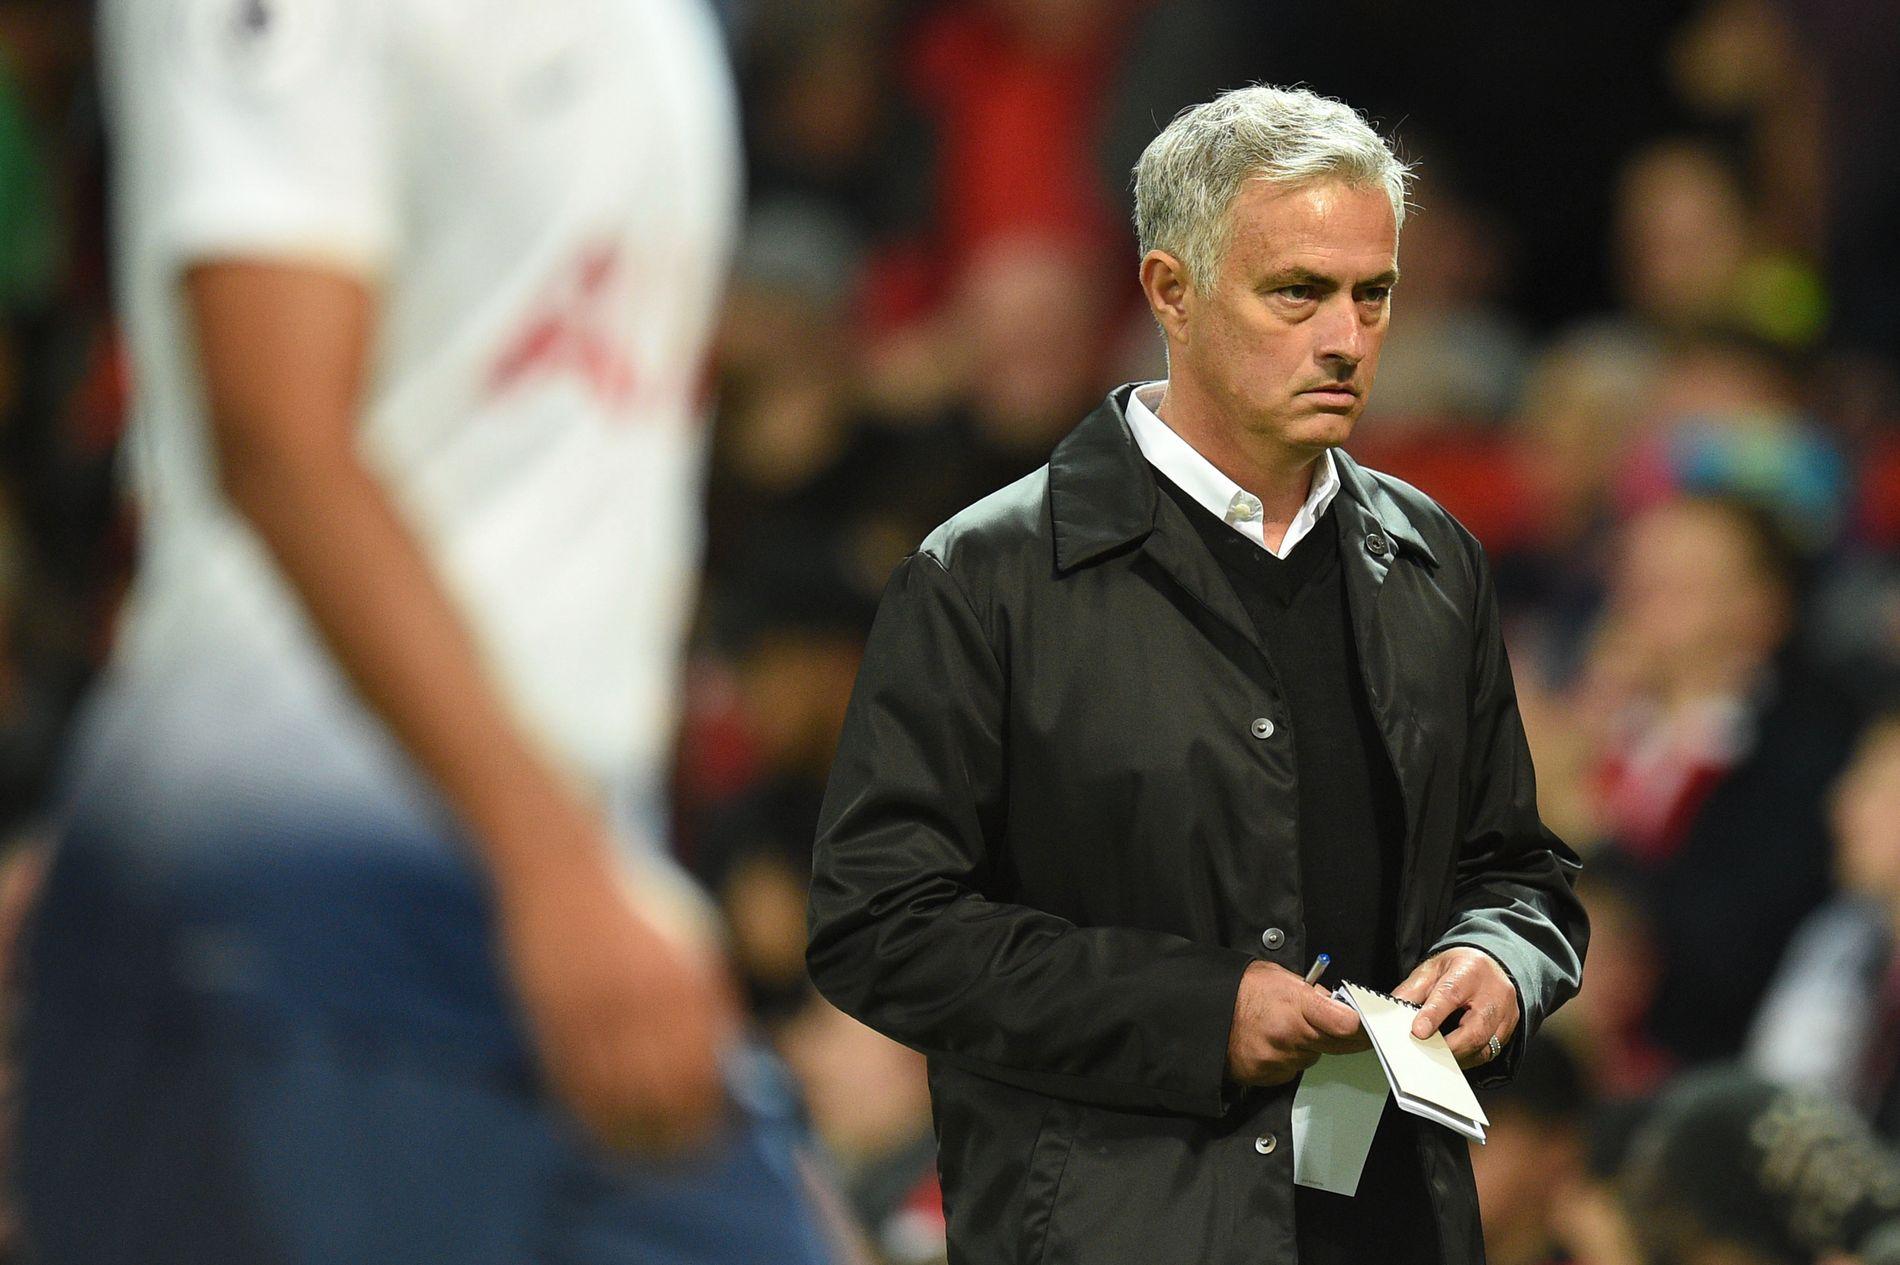 UFLYT:  José Mourinho og Manchester United har ikke fått en god start på sesongen. Her fra 0–3-tapet hjemme for Tottenham mandag - Mourinhos største tap i karrieren på hjemmebane.